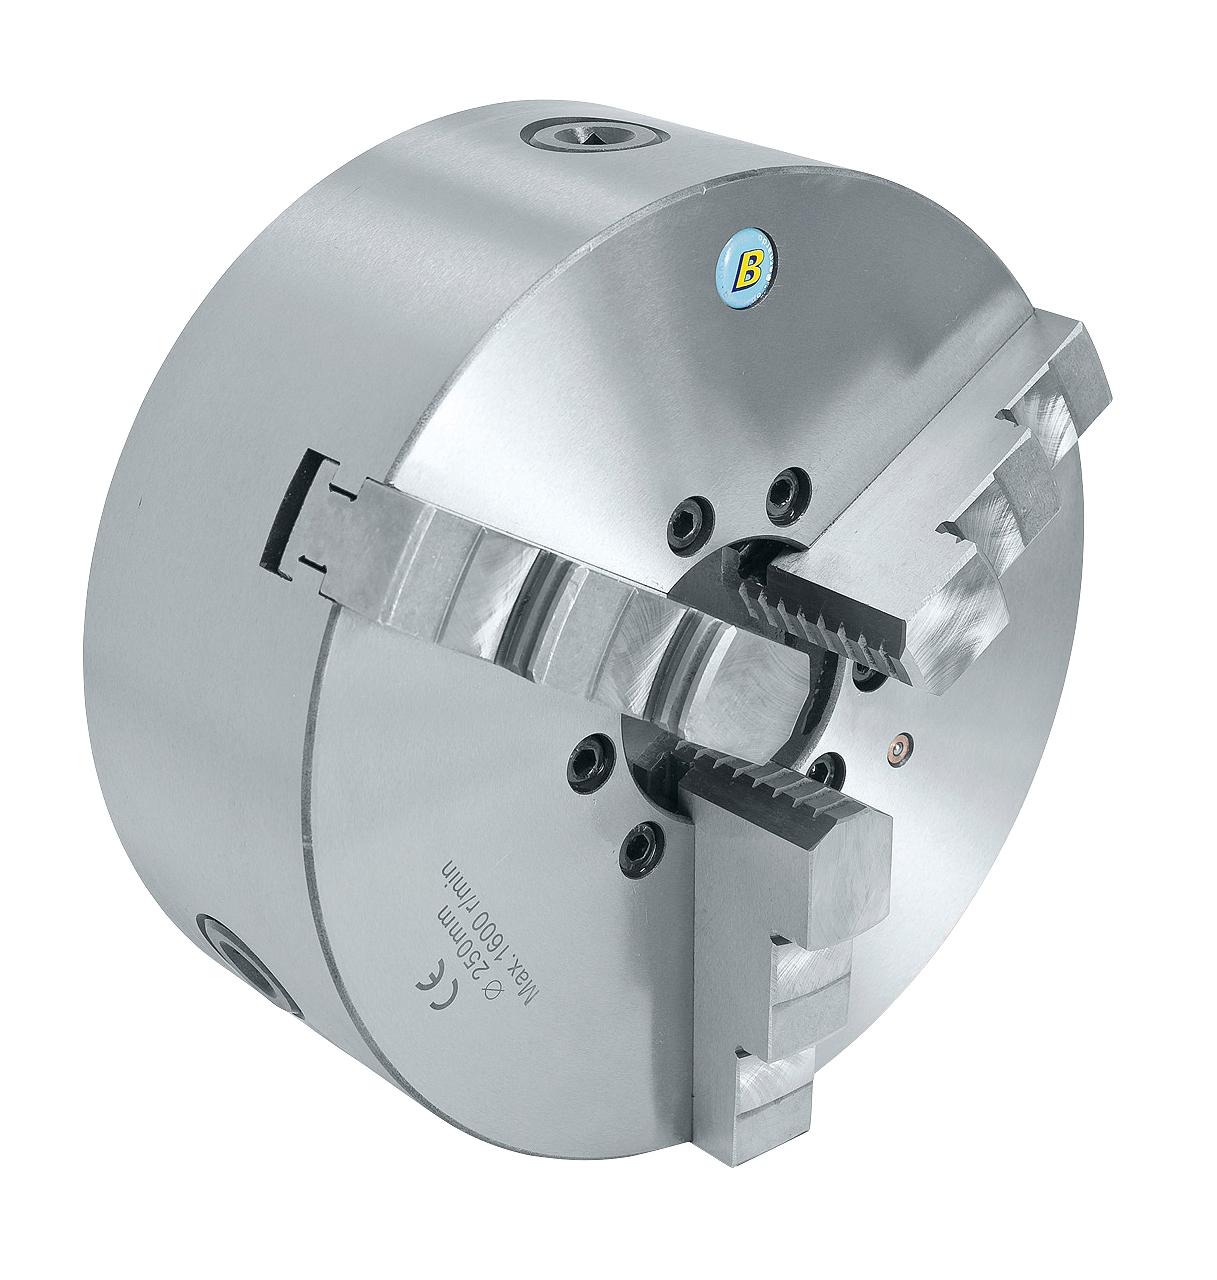 Uchwyt tokarski 3-szczękowy, precyzyjny, żeliwny, DK11-250 DIN 6350  BERNARDO